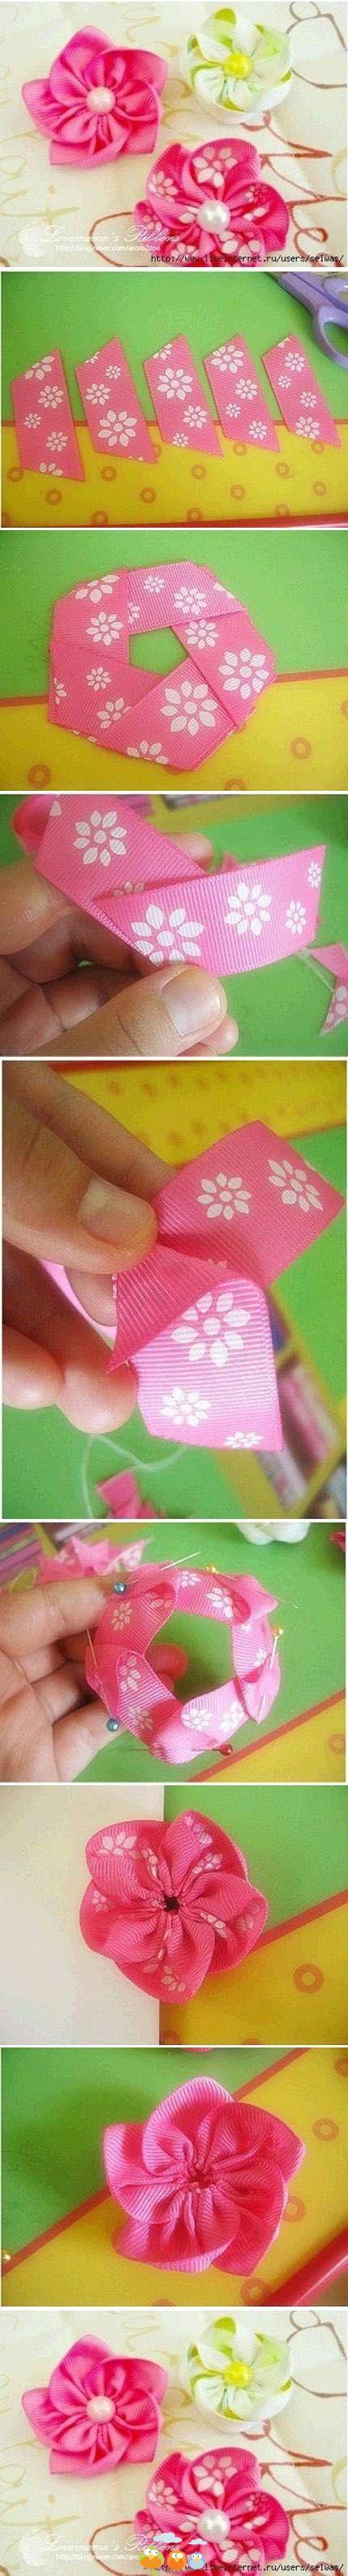 Flor hecho en cinta.